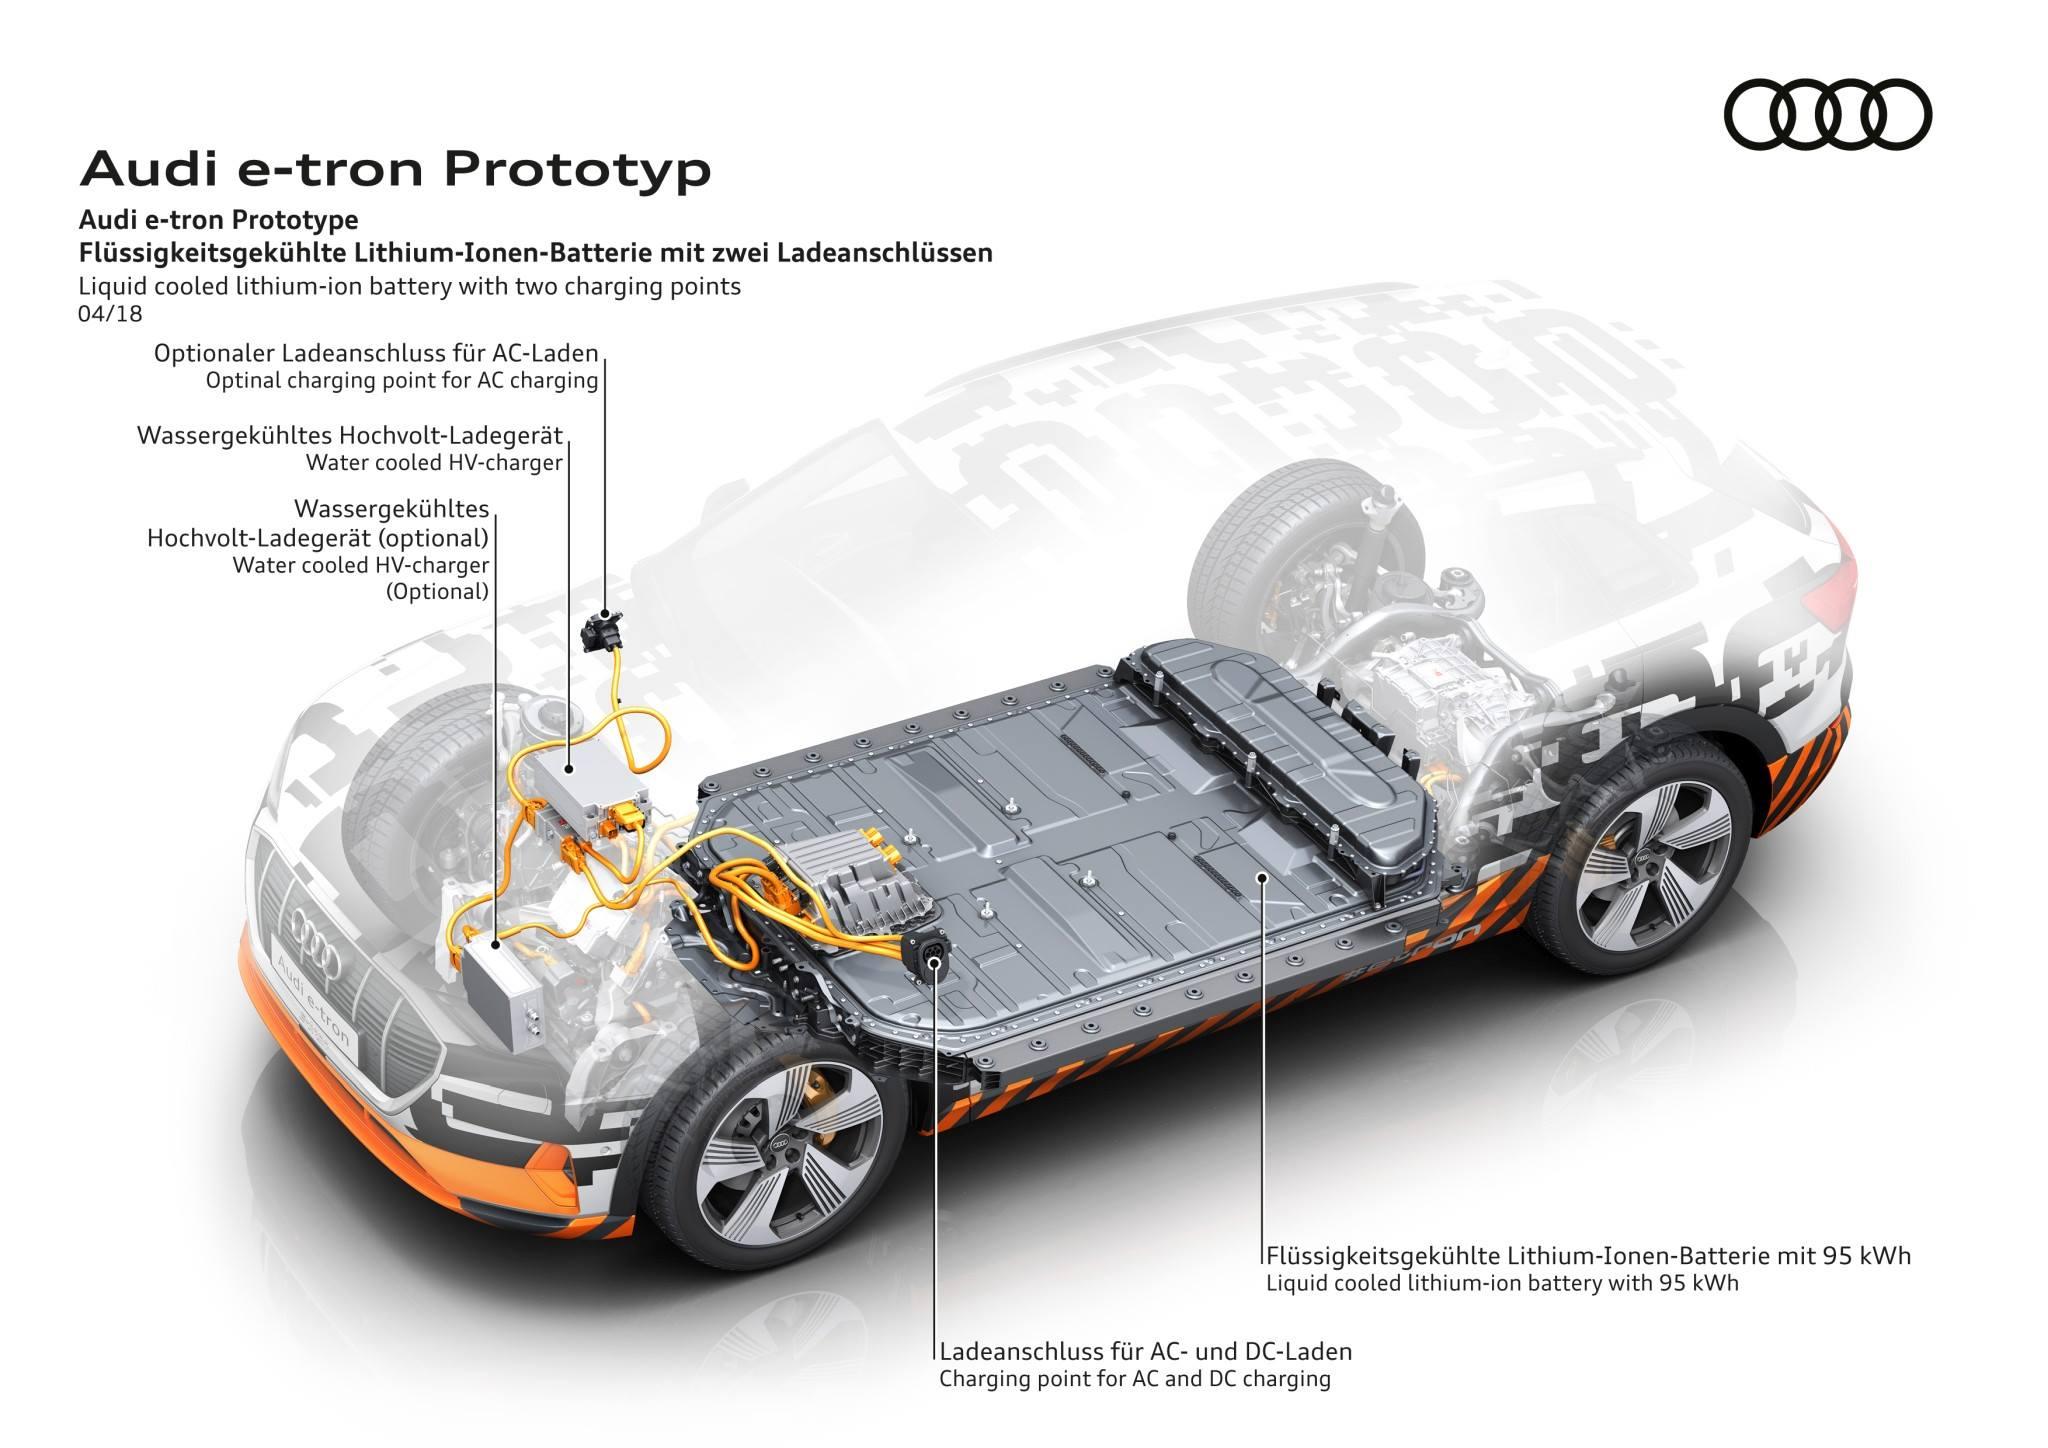 audi-e-tron-prototyp-technische-details